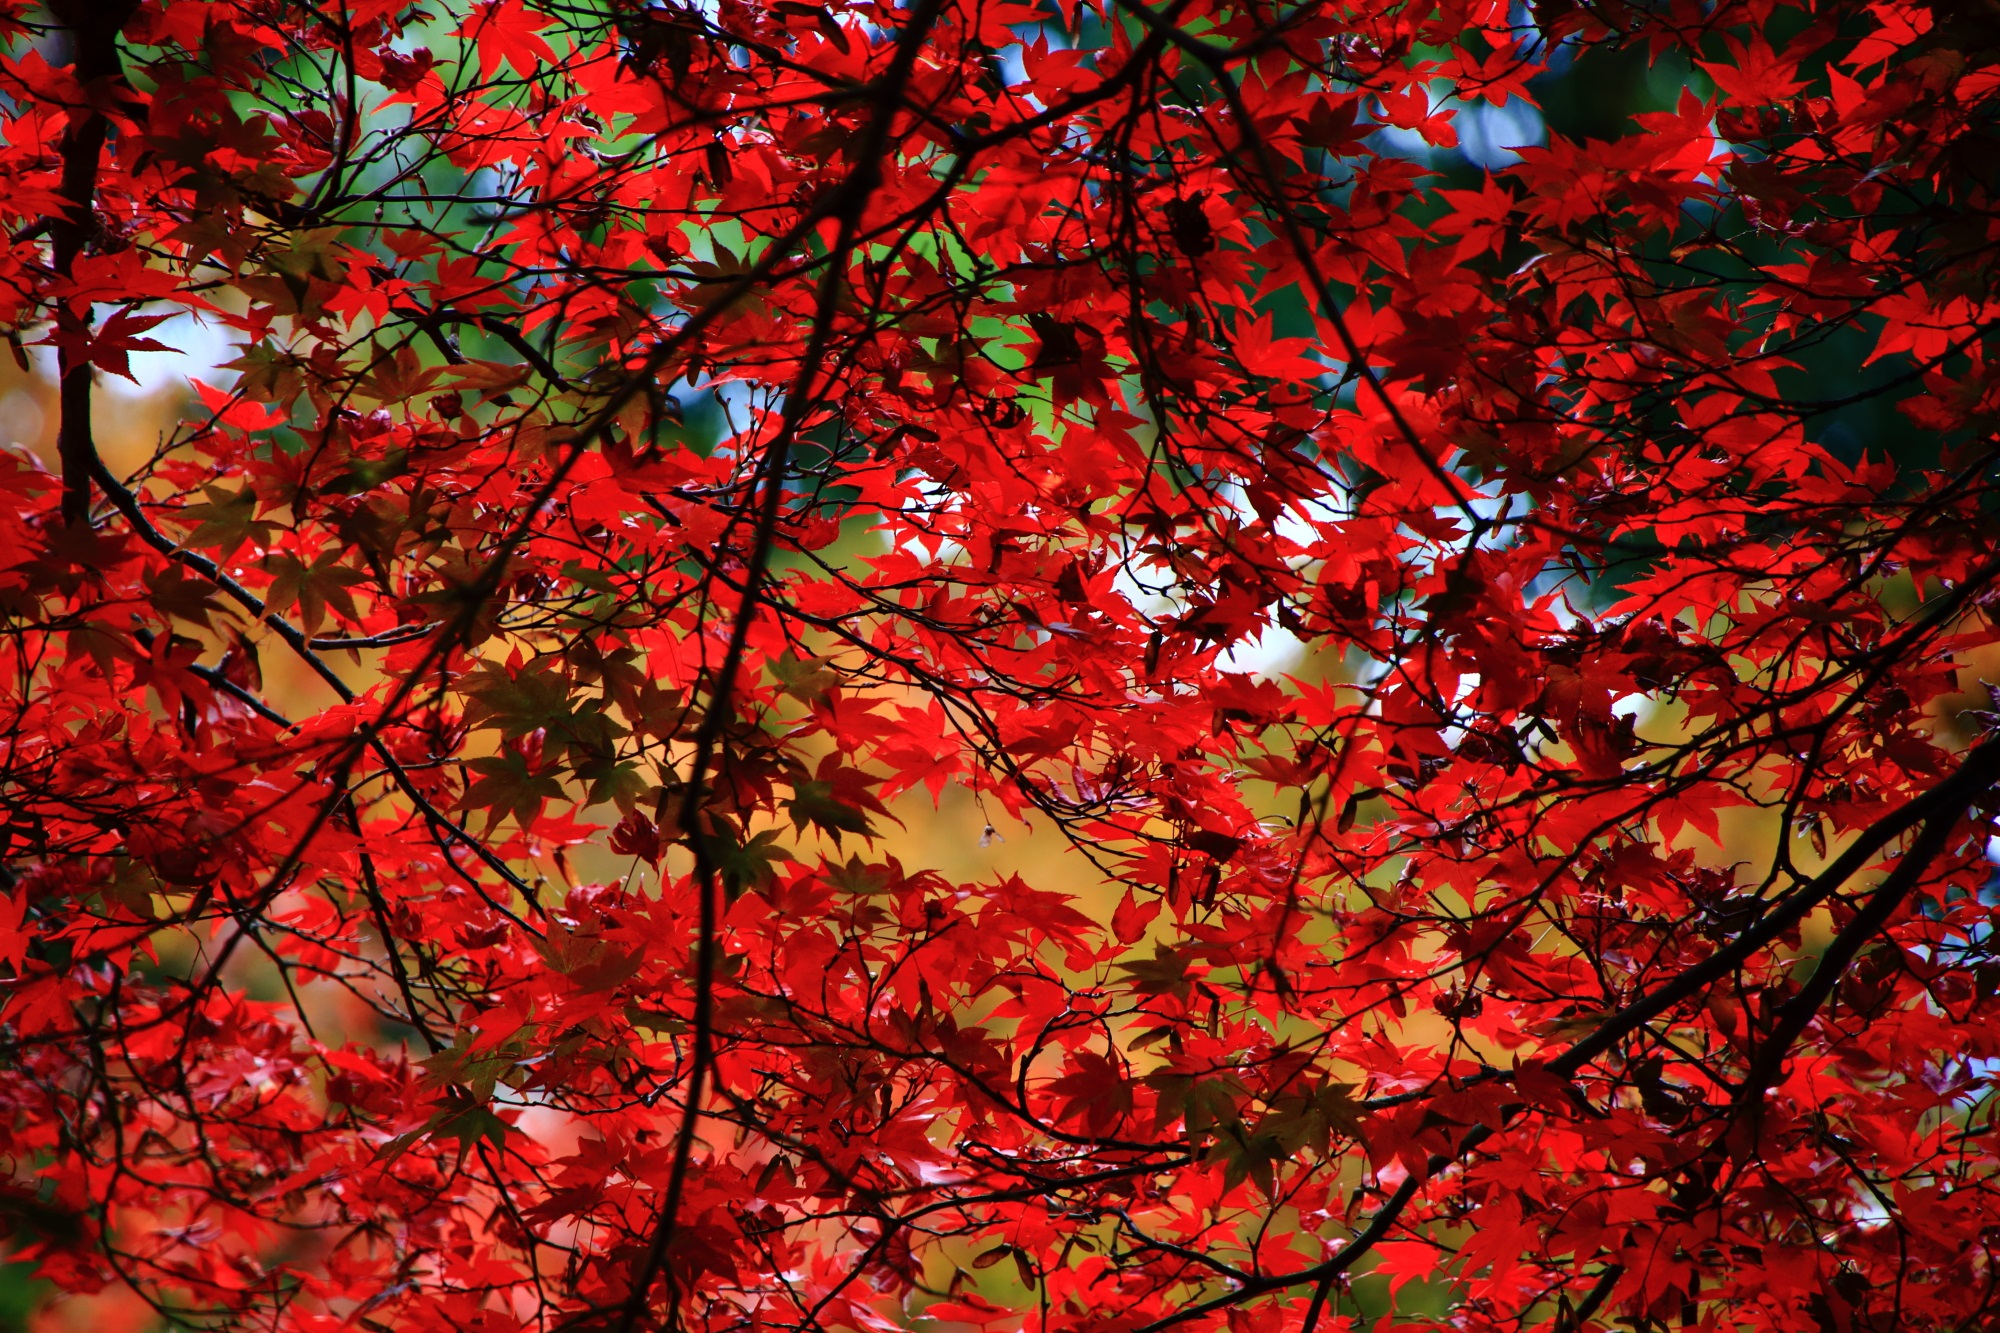 廬山寺の一面を覆う鮮やかな赤い紅葉